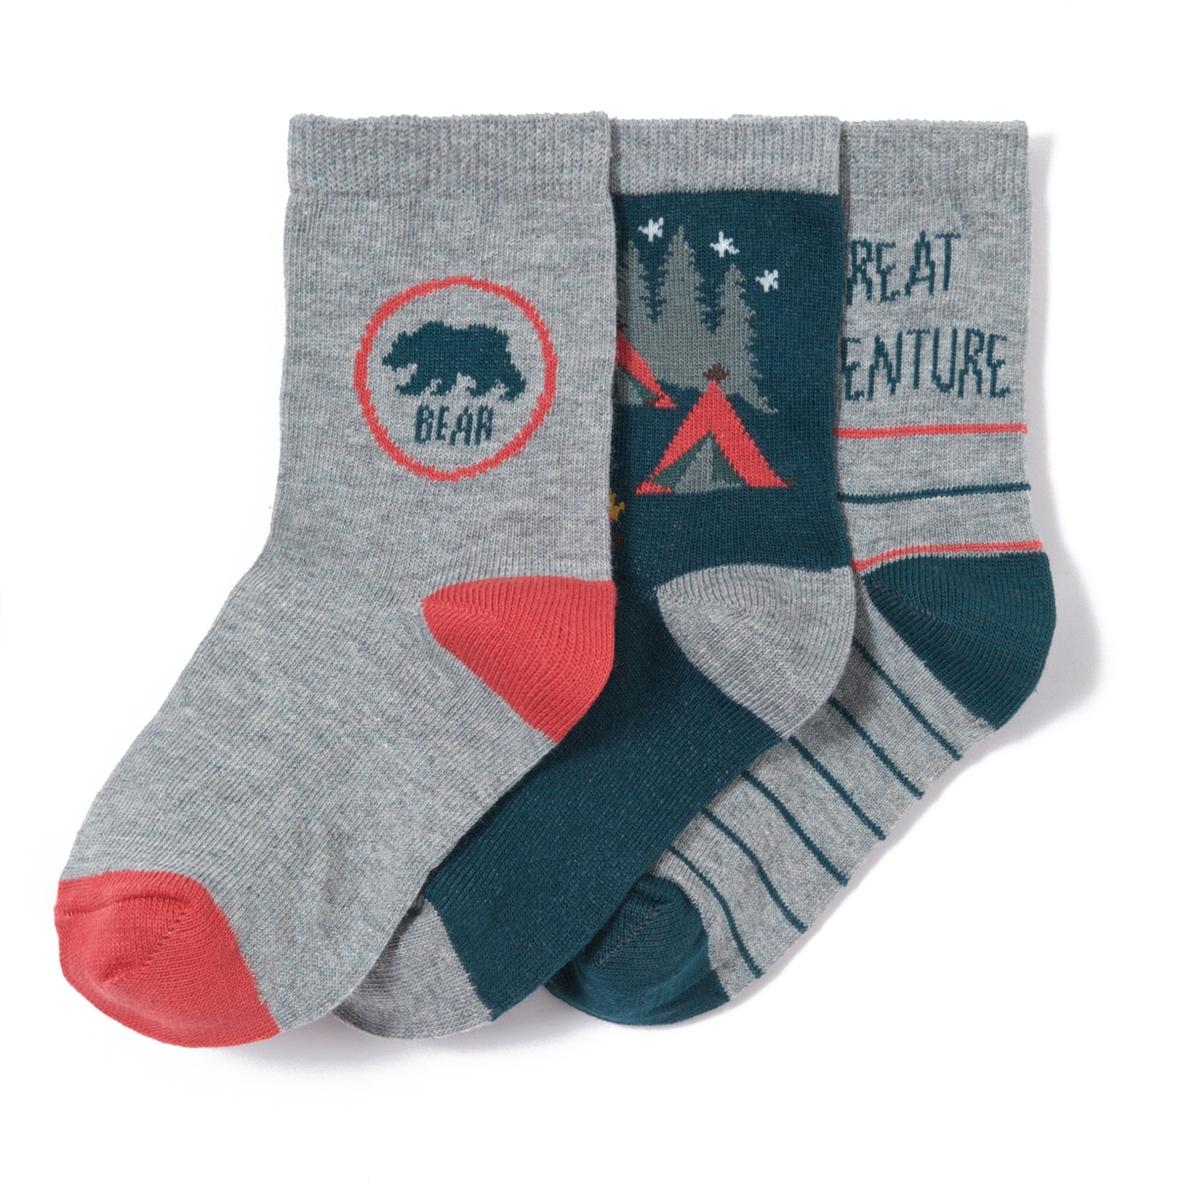 3 пары носков с приключенческой тематикой от La Redoute